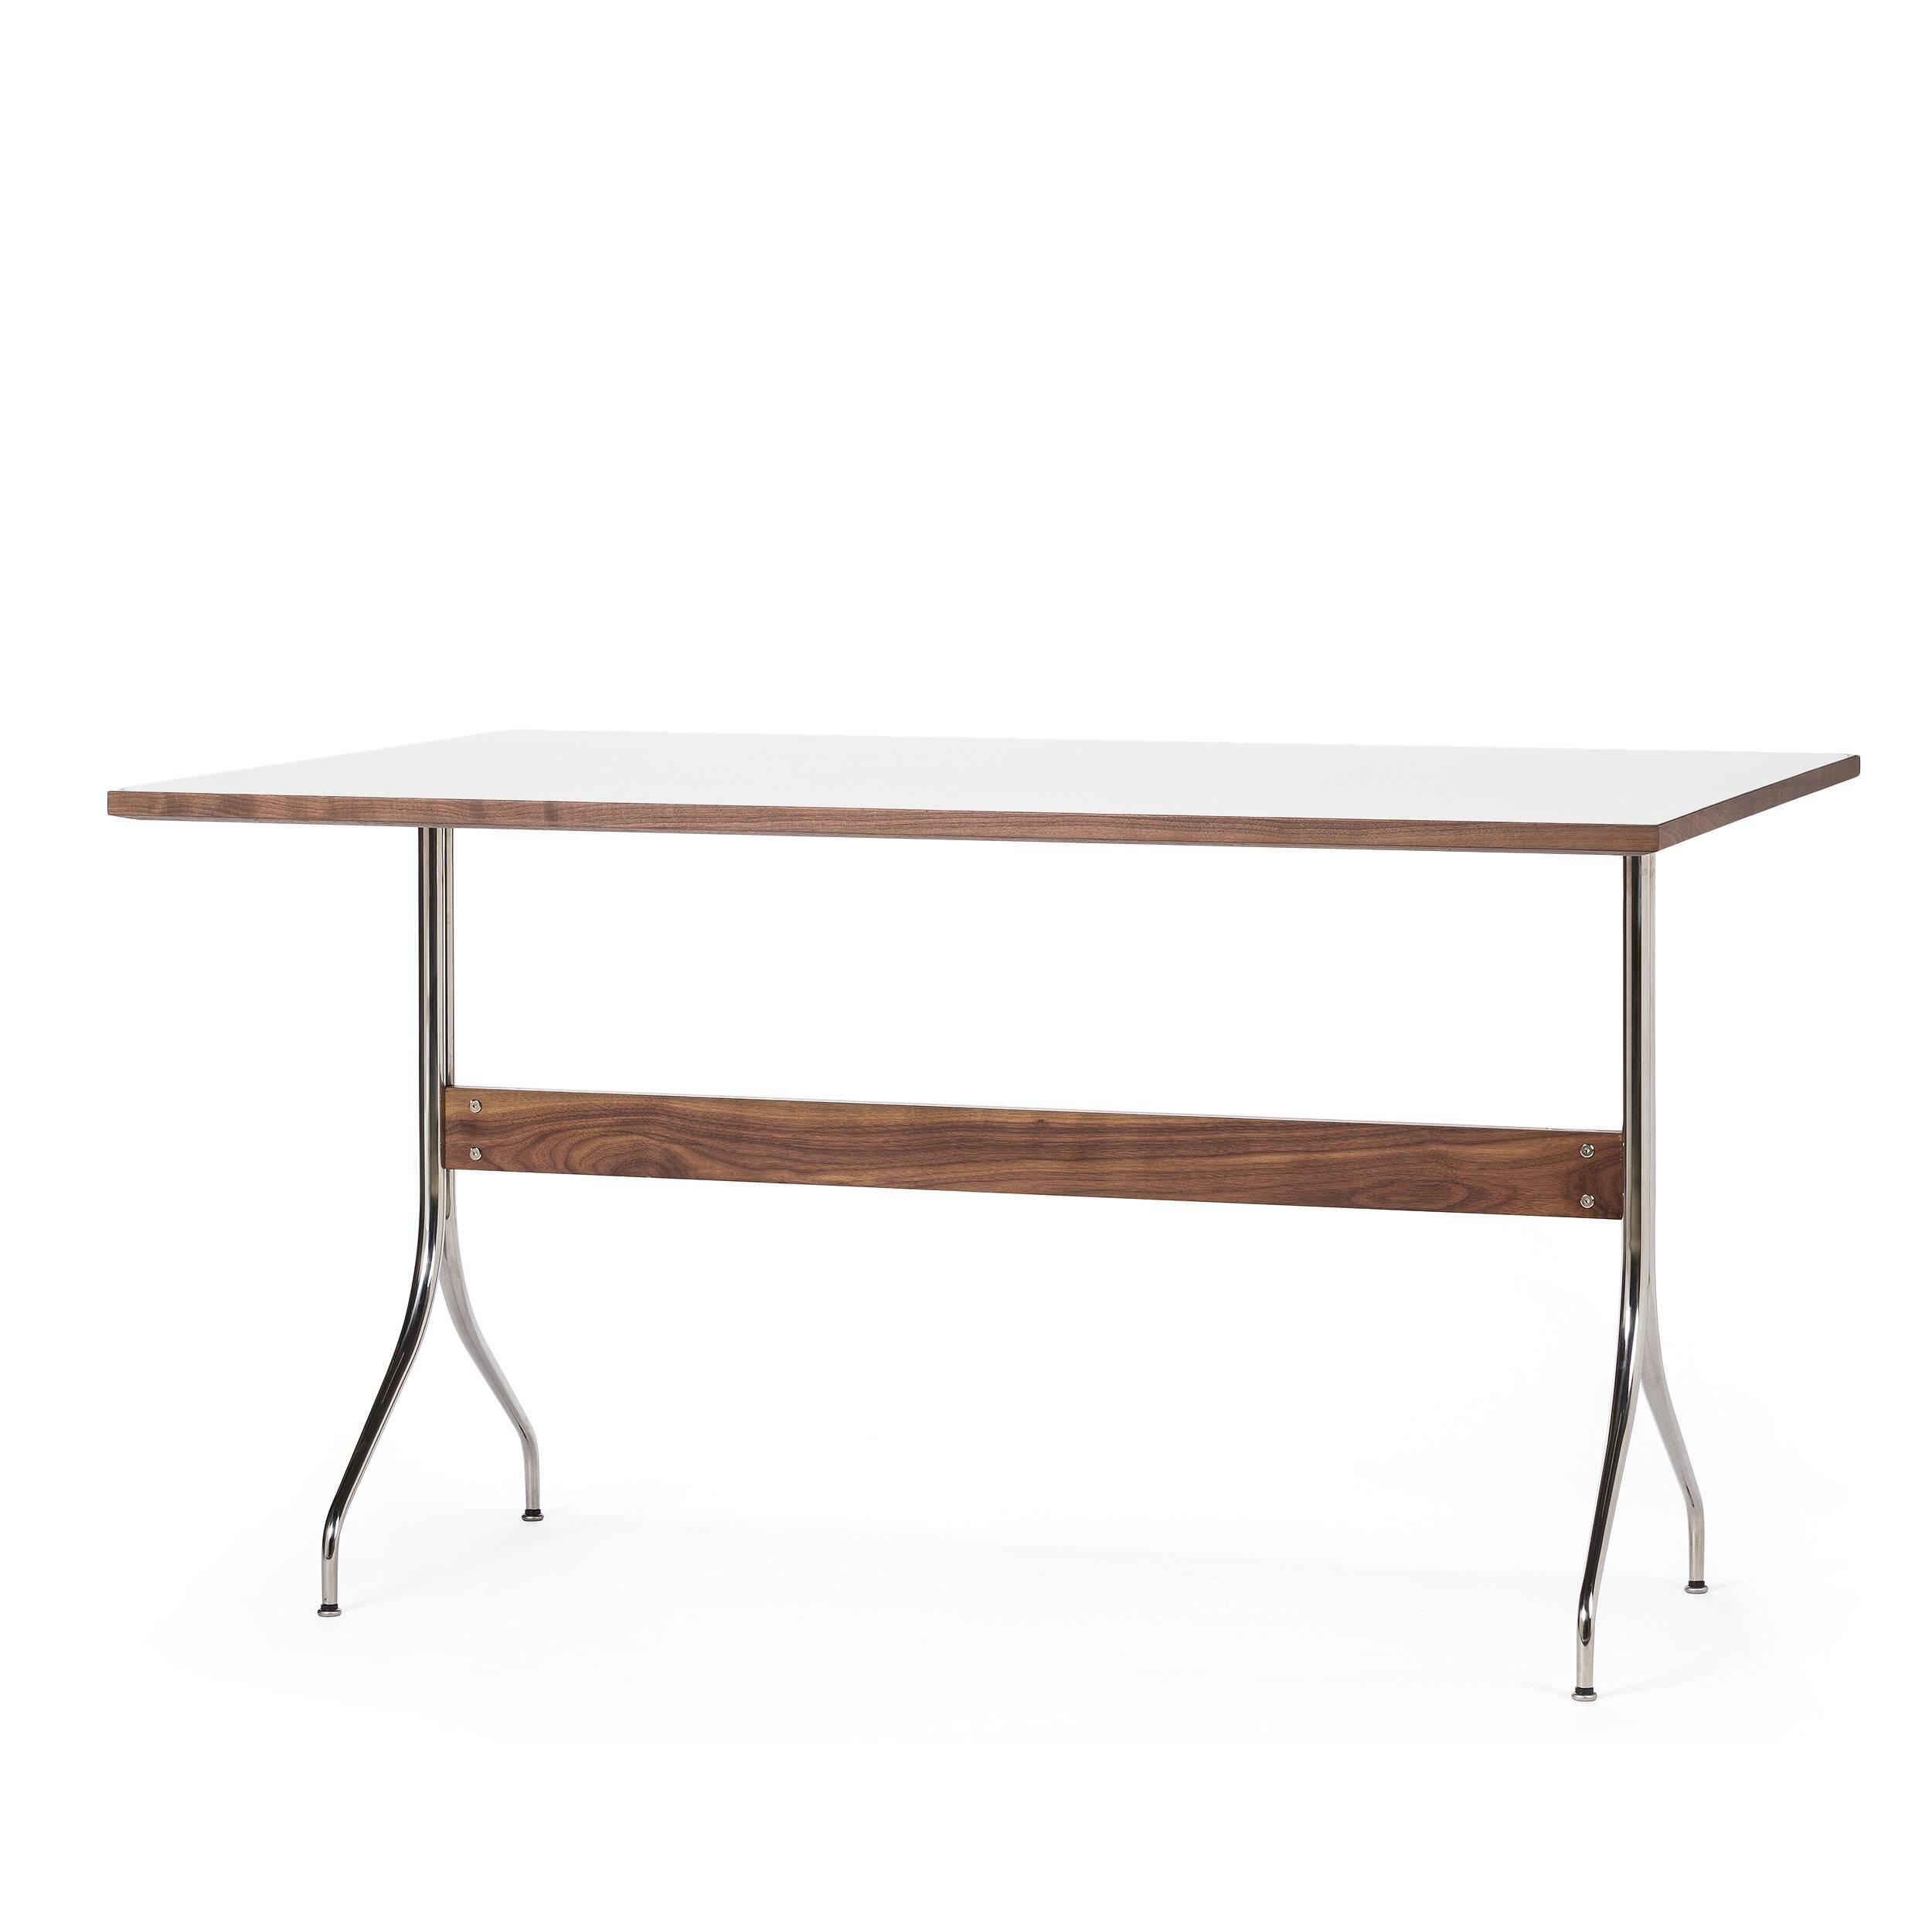 Обеденный стол Wellington прямоугольный обеденный стол wellington прямоугольный